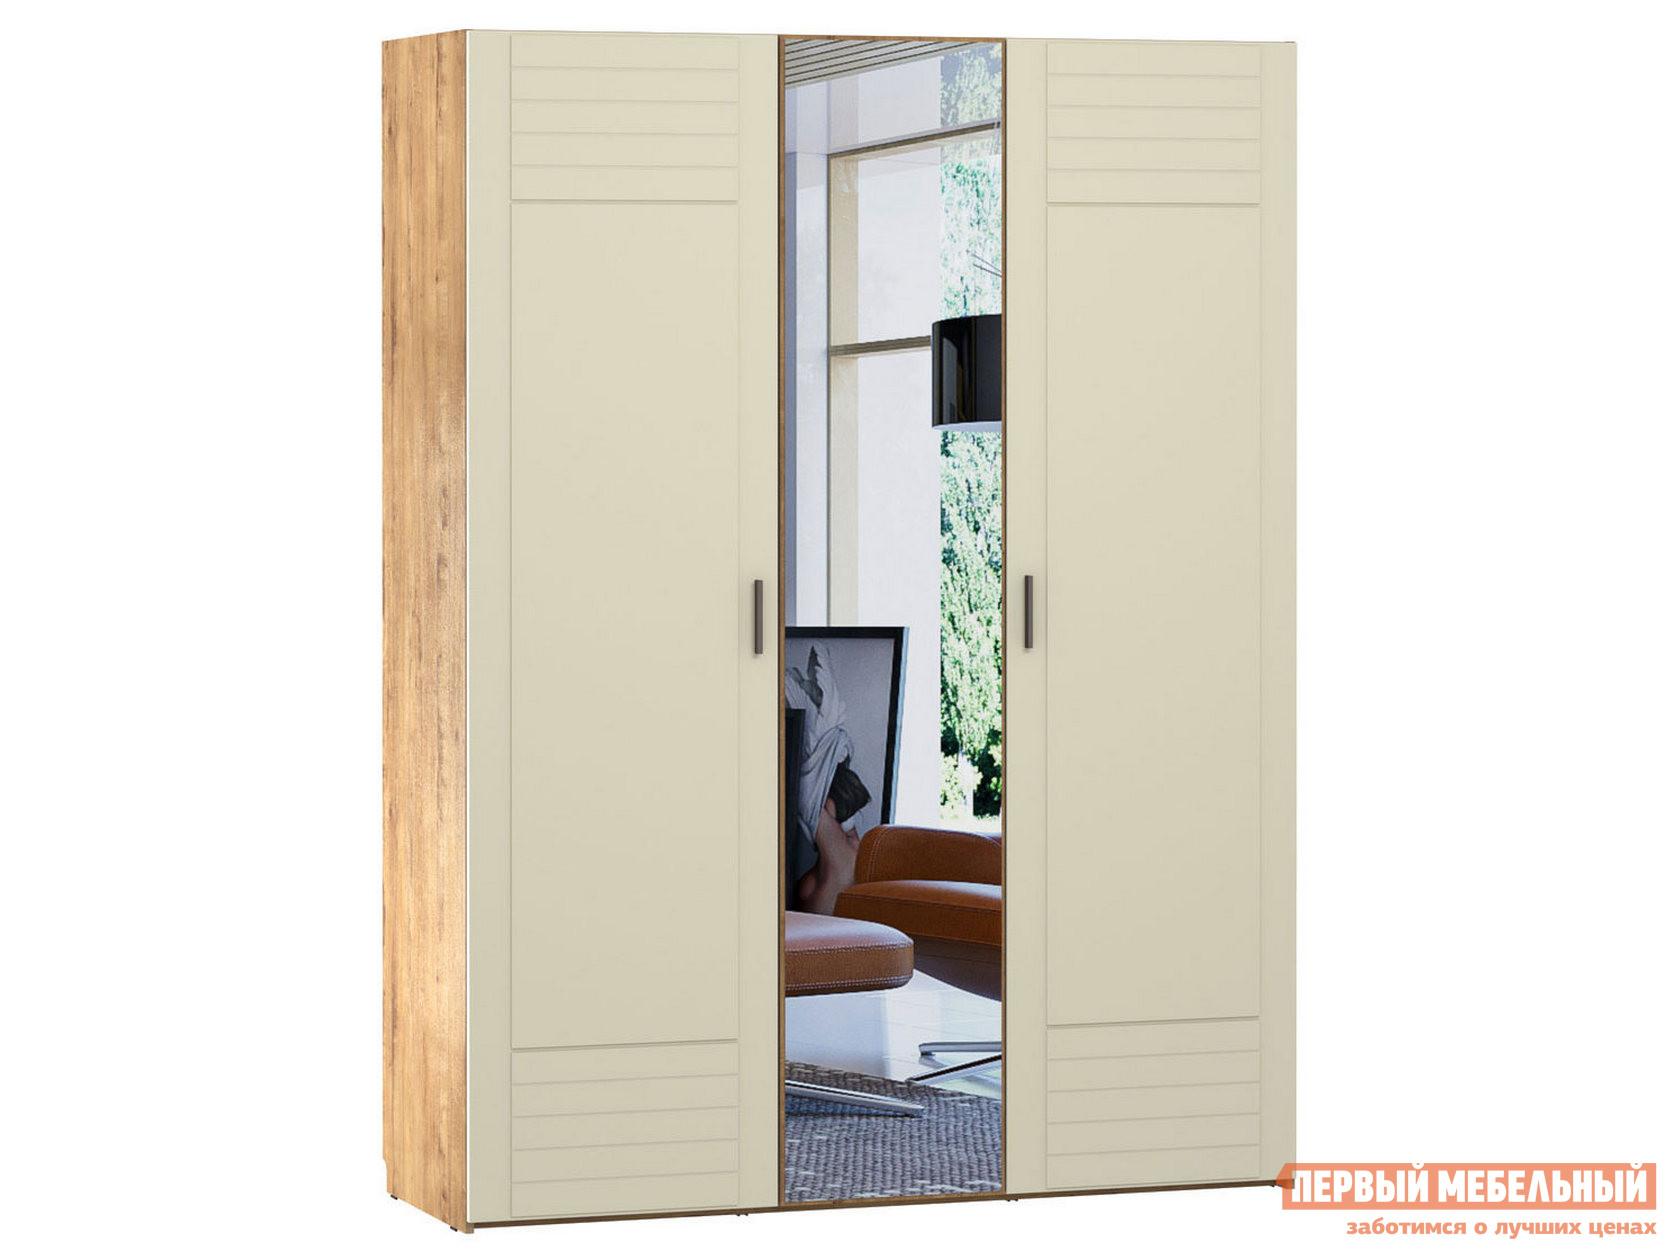 Распашной шкаф Первый Мебельный Шкаф с зеркалом 3-х ств. Ливорно 013.57 распашной шкаф с зеркалом первый мебельный шкаф 3 х дверный с зеркалом парма